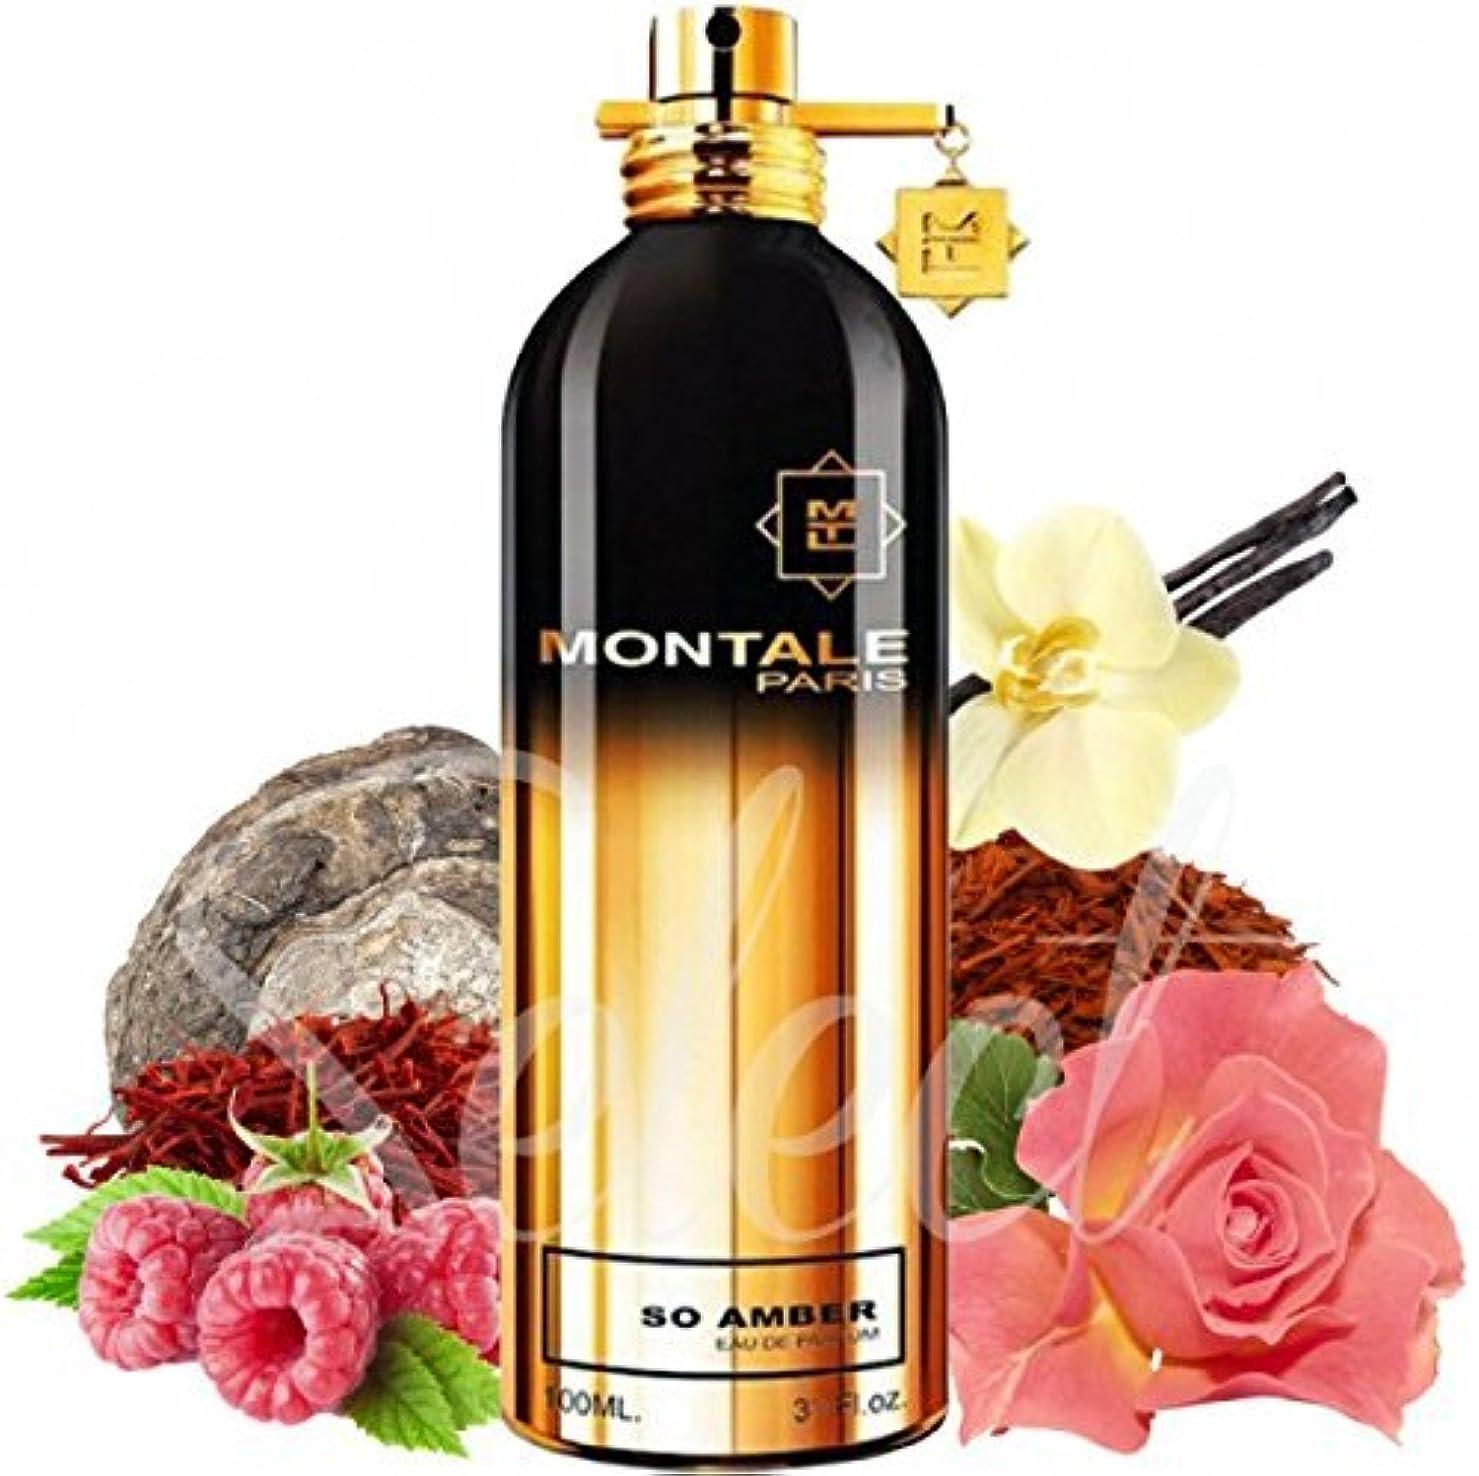 散らす小包割り込みMONTALE SO AMBER Eau de Perfume 100ml Made in France 100% 本物モンターレように琥珀オードトワレ香水 100 ml フランス製 +2サンプル無料! + 30 mlスキンケア無料!